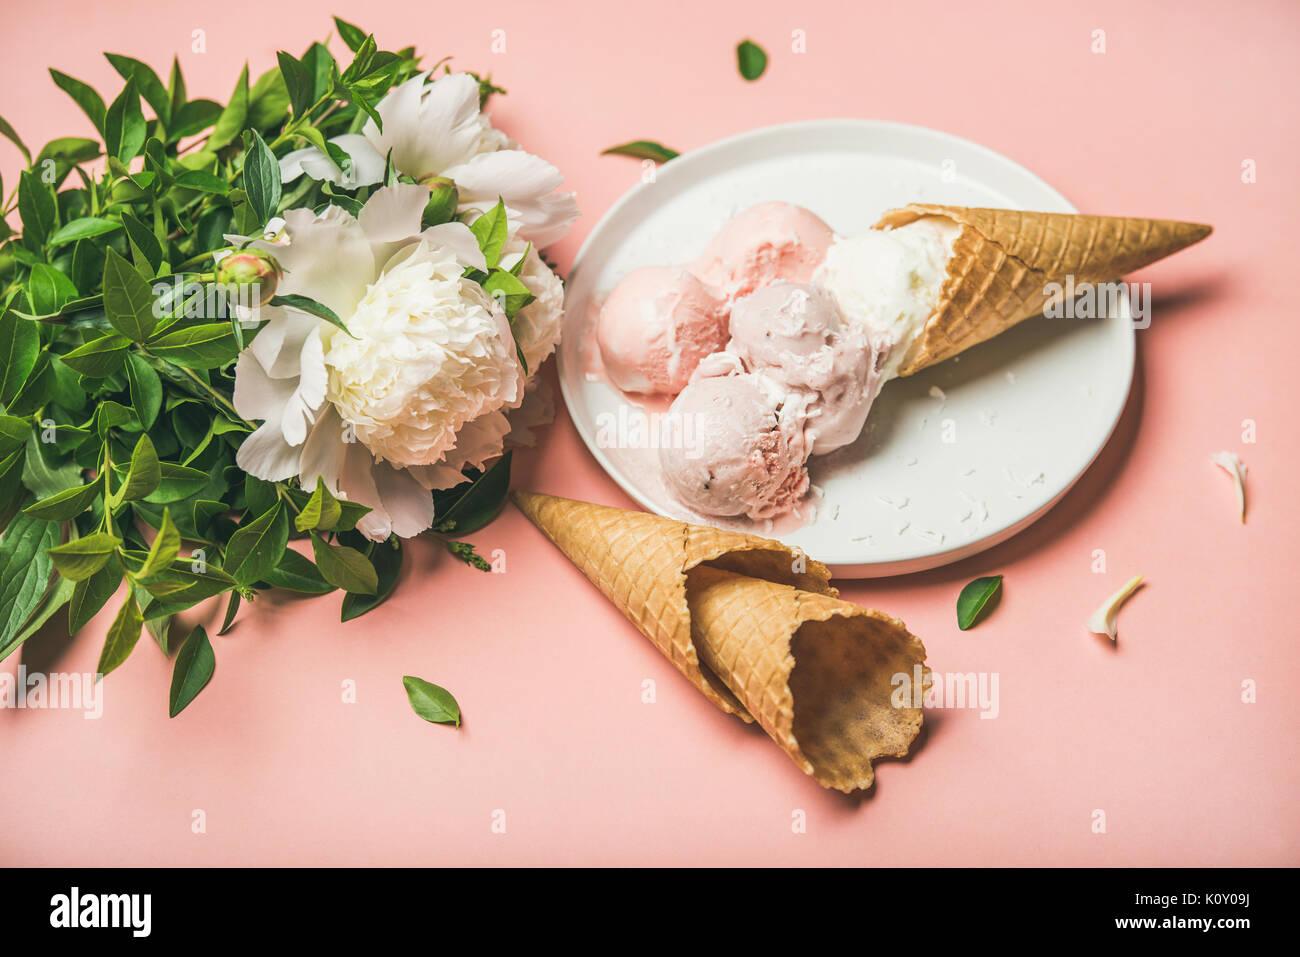 Strawberry and coconut ice cream, cones, white peony flowers Stock Photo